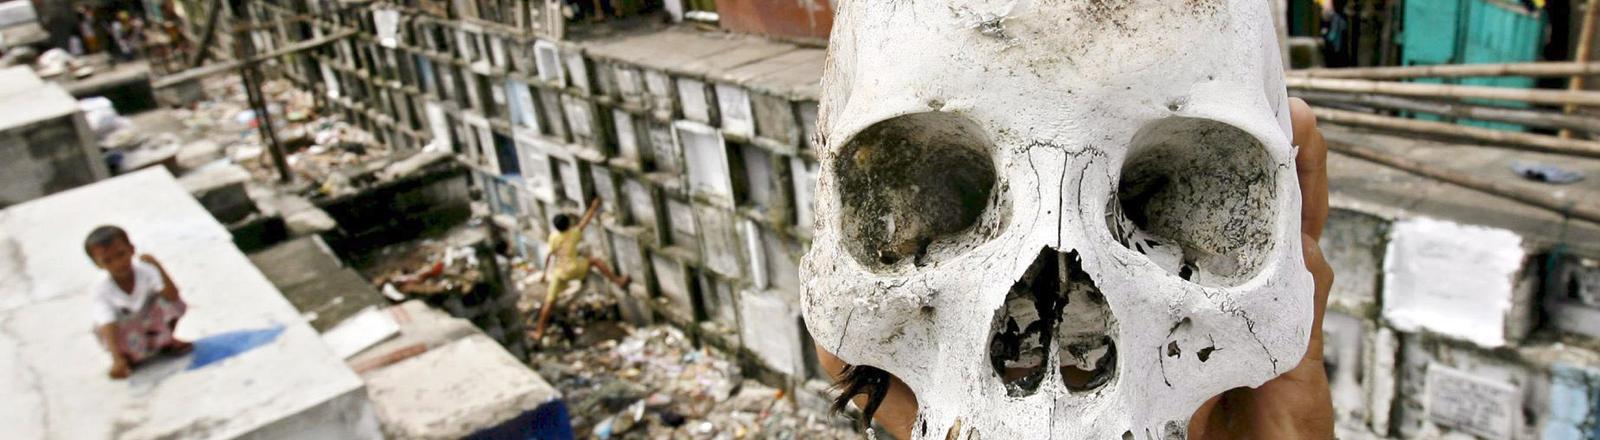 Im Hintergrund sind Gruften zu sehen, im Vordergrund halten zwei Hände einen menschlichen Schädel in die Kamera; Bild: dpa